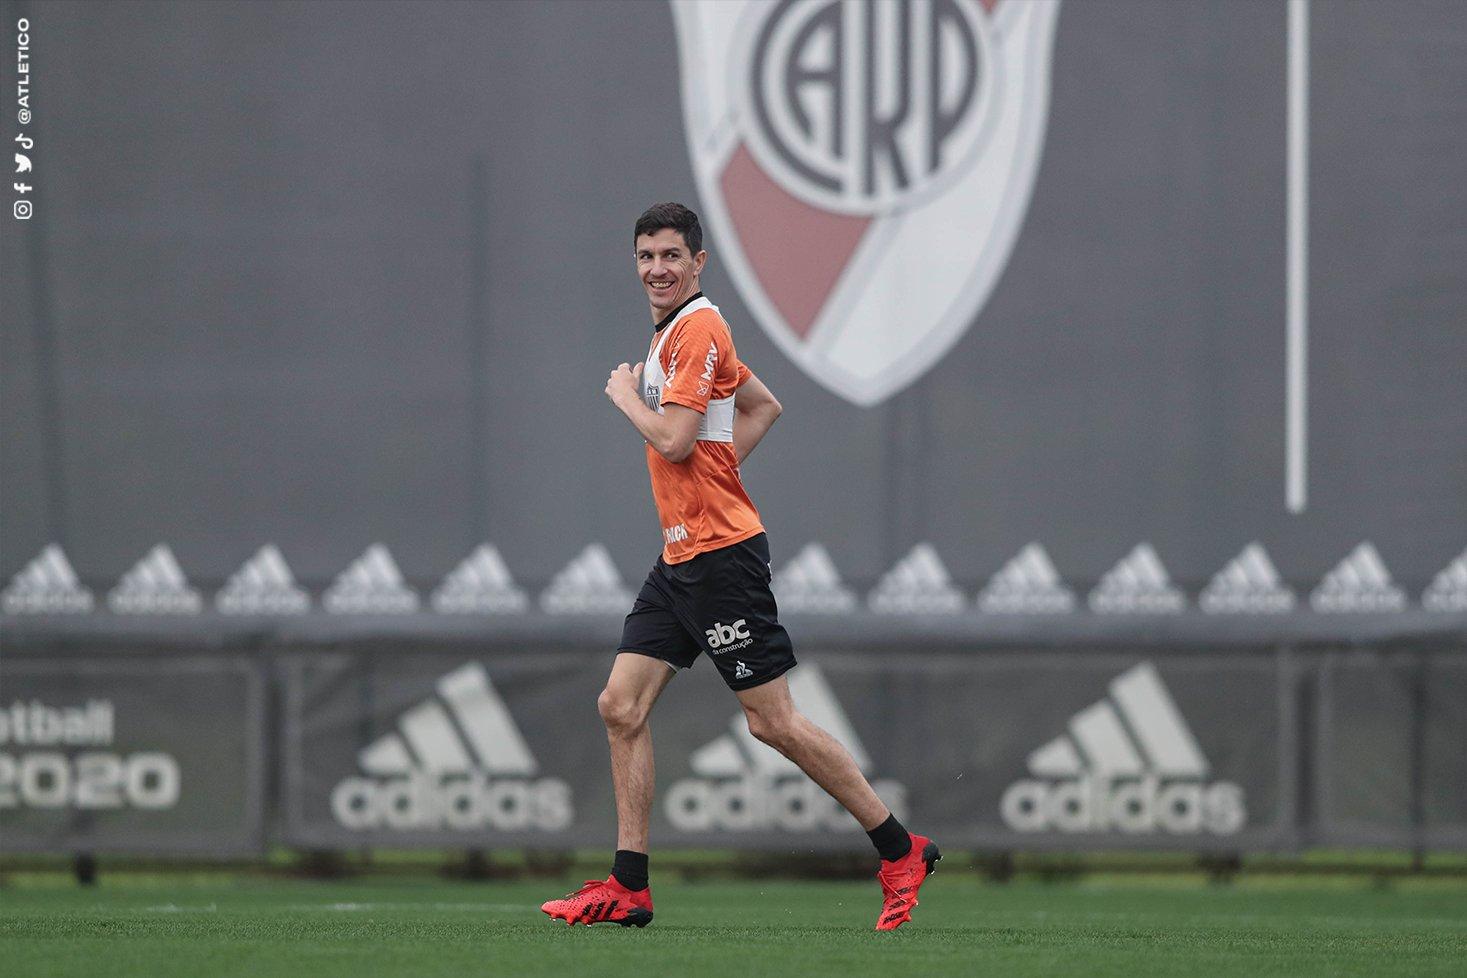 Sem a torcida do Boca presente, grande oportunidade para arrancada do Atlético em La Bombonera